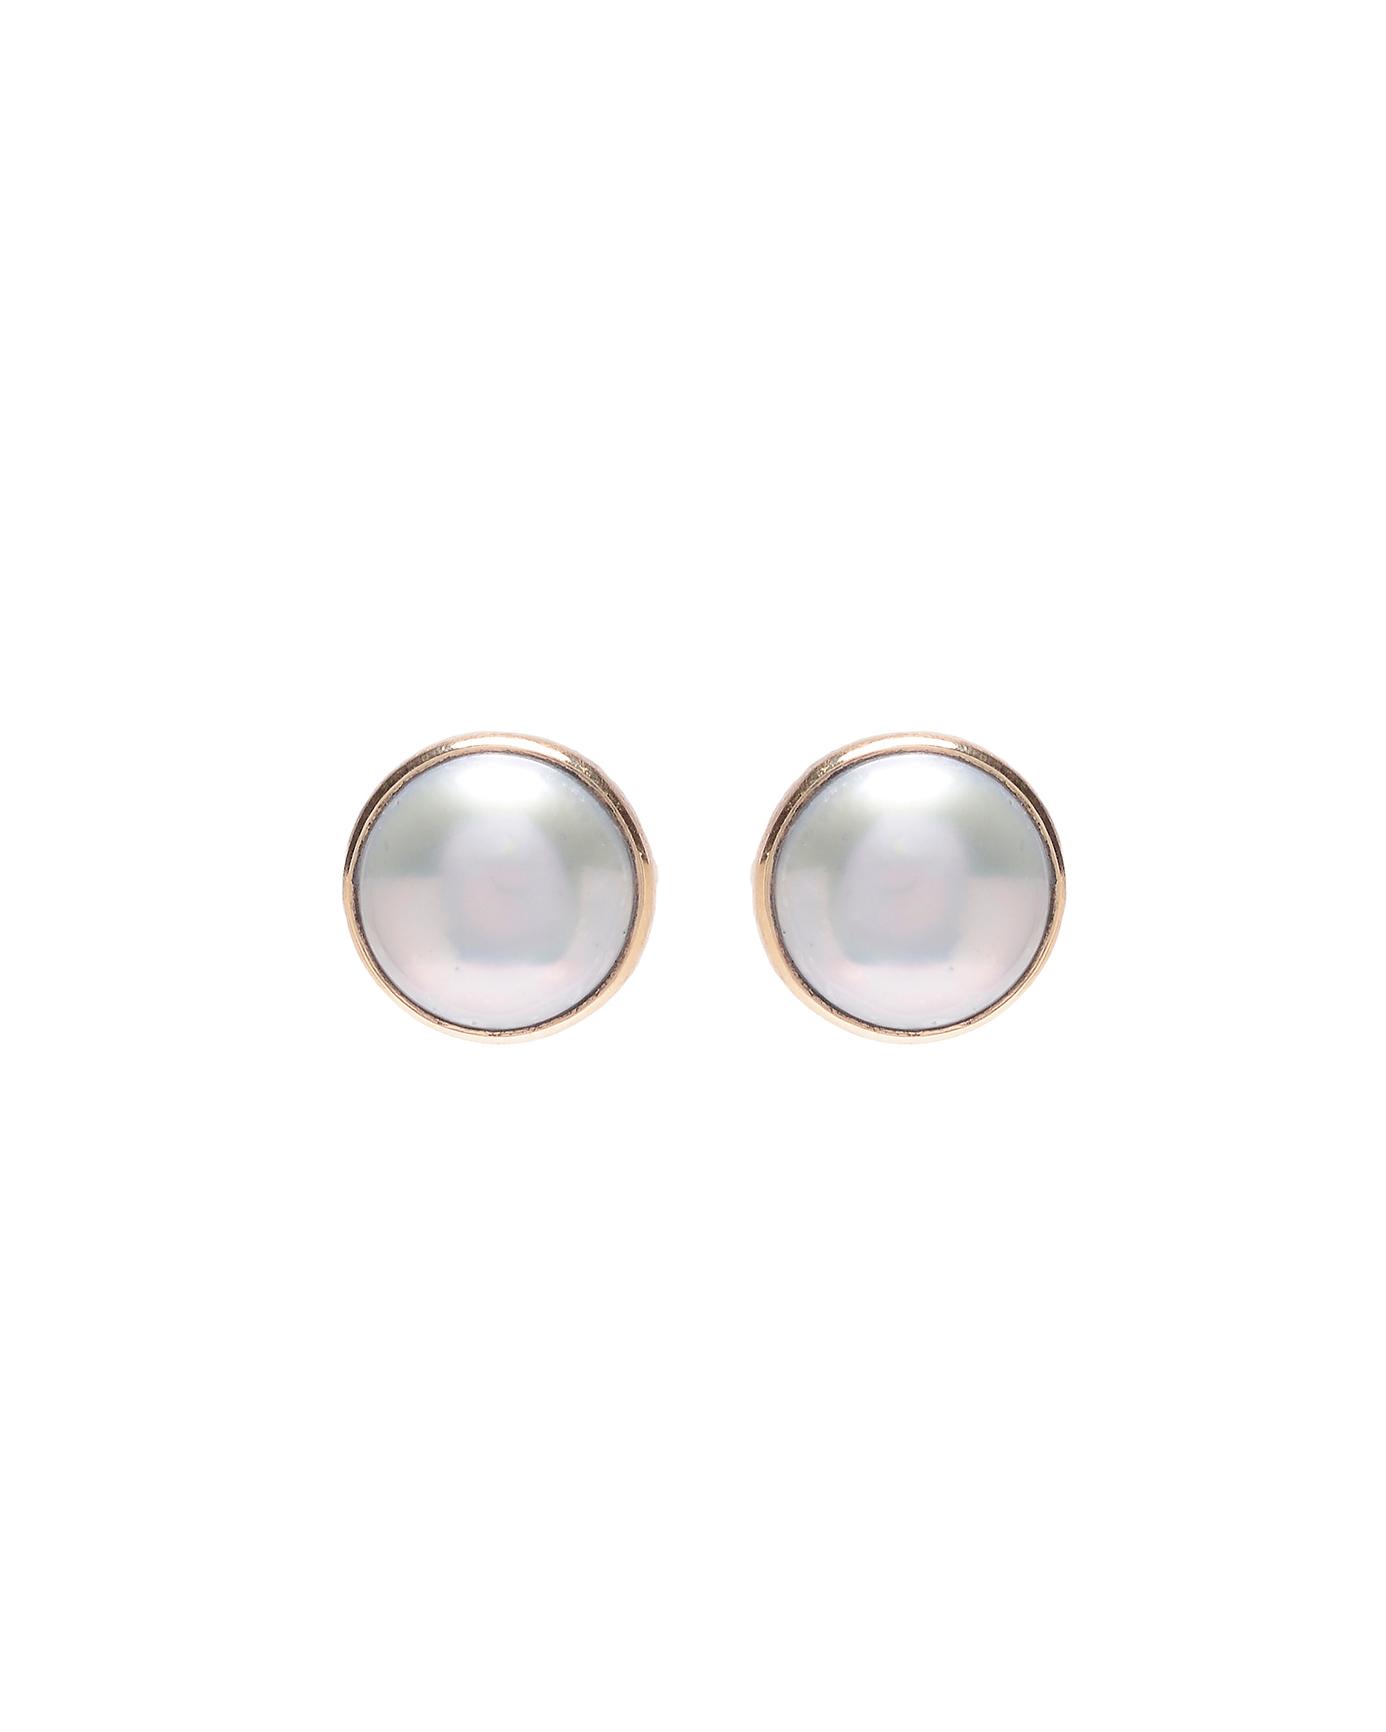 pearl wedding earrings jamie joseph